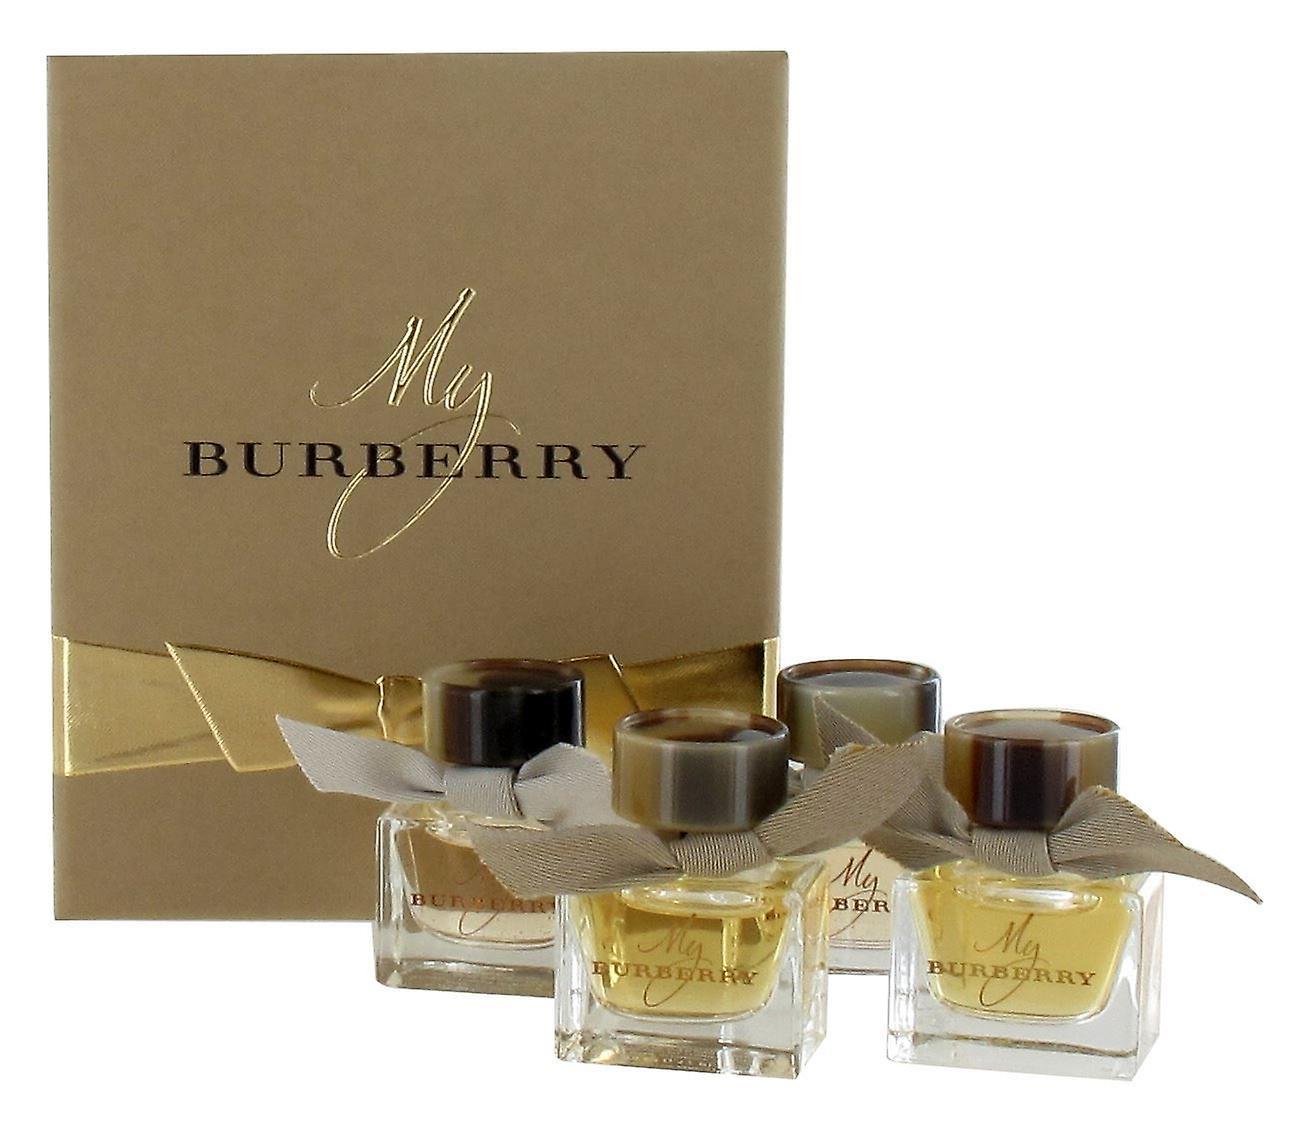 Burberry Miniature Gift Set for Women - 2 x My Burberry 5ml Eau de Parfum and  sc 1 st  Fruugo & Burberry Miniature Gift Set for Women - 2 x My Burberry 5ml Eau de ...